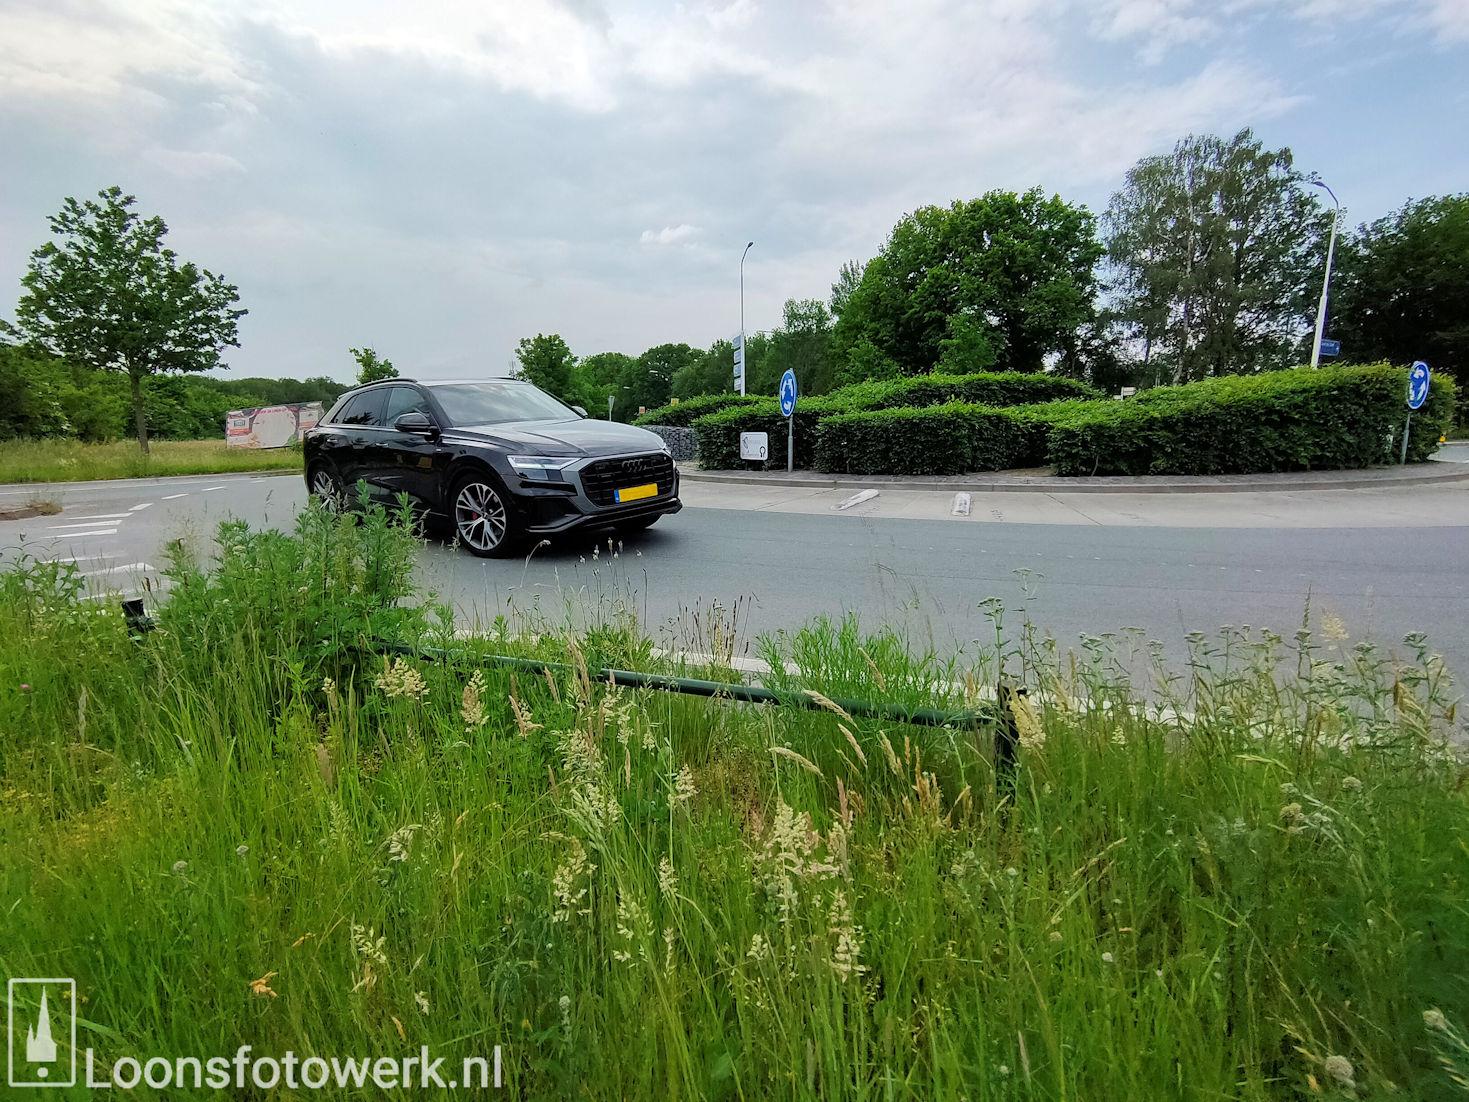 Rotonde Kasteellaan – Kasteelhoevenweg, juni 4